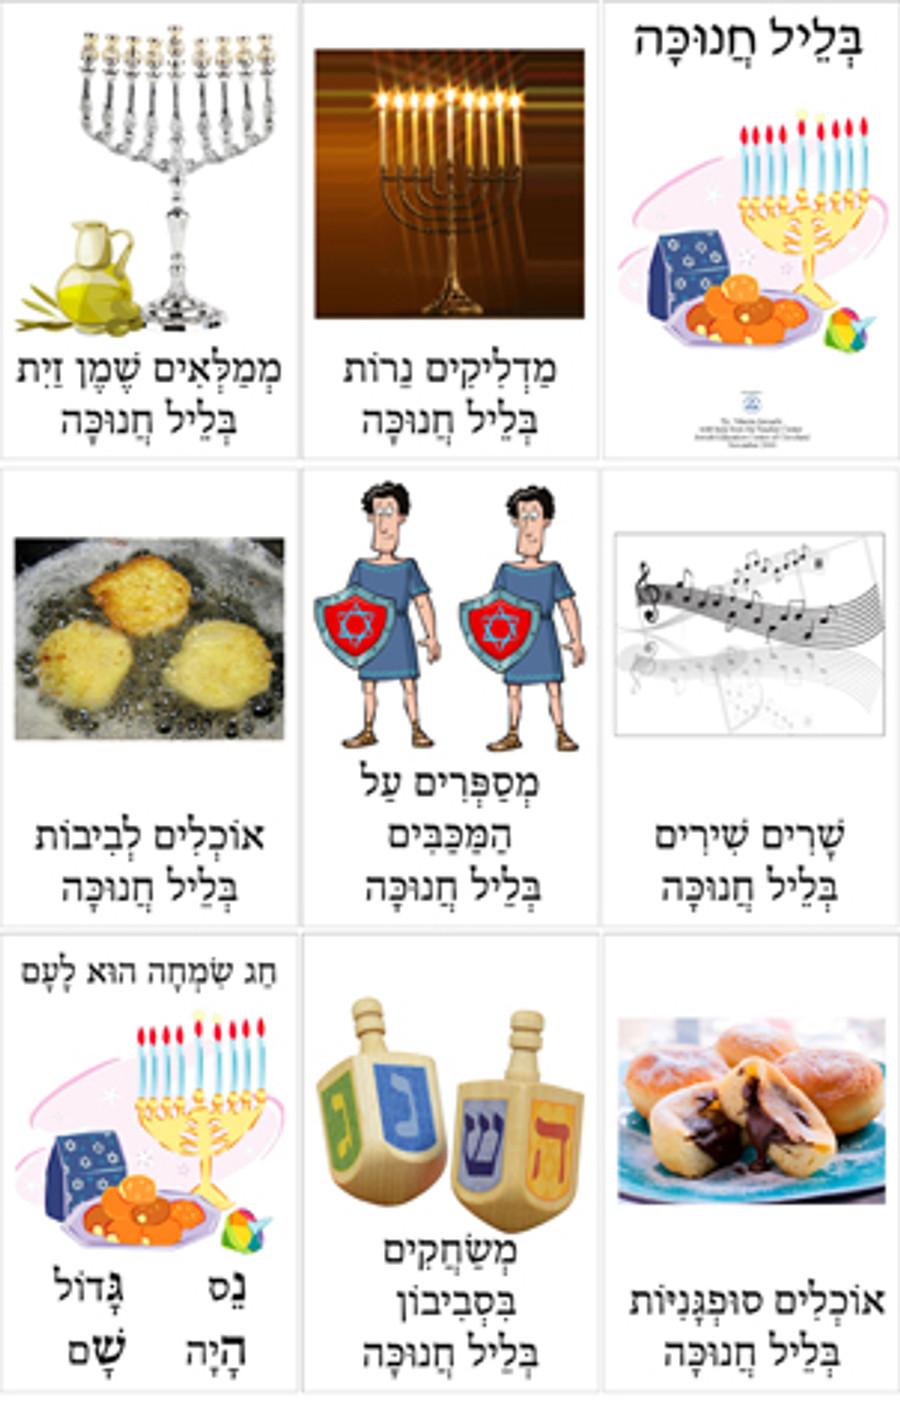 B'leil Hanukkah